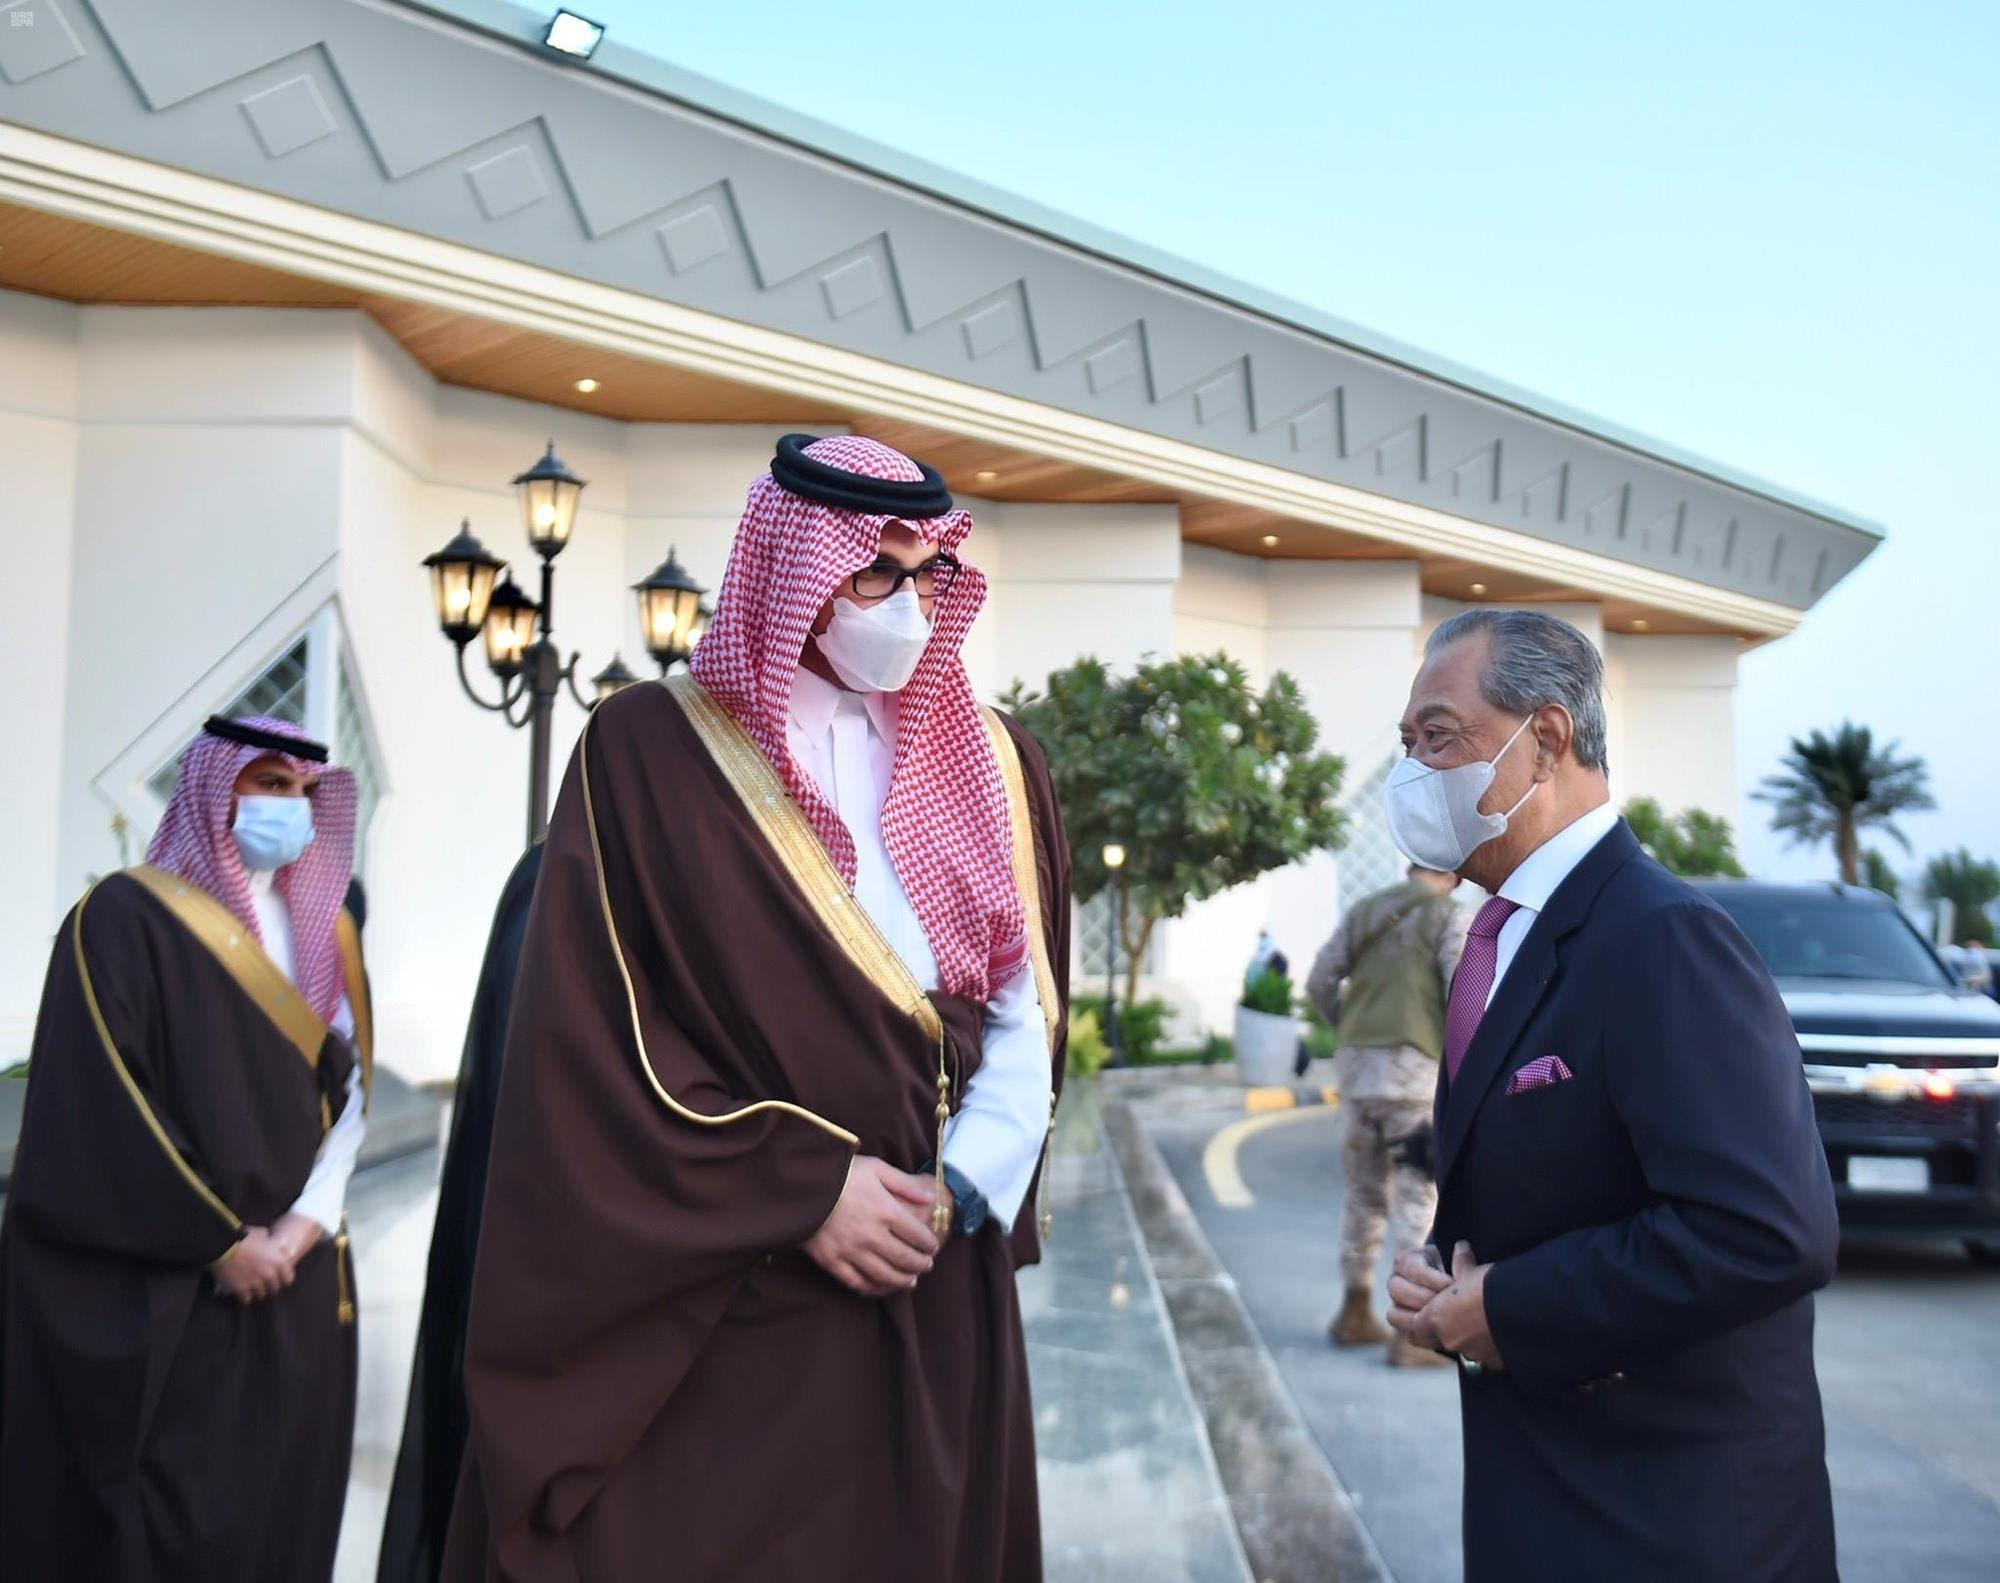 رئيس الوزراء الماليزي يغادر المدينة المنورة وسمو نائب أمير منطقة المدينة المنورة